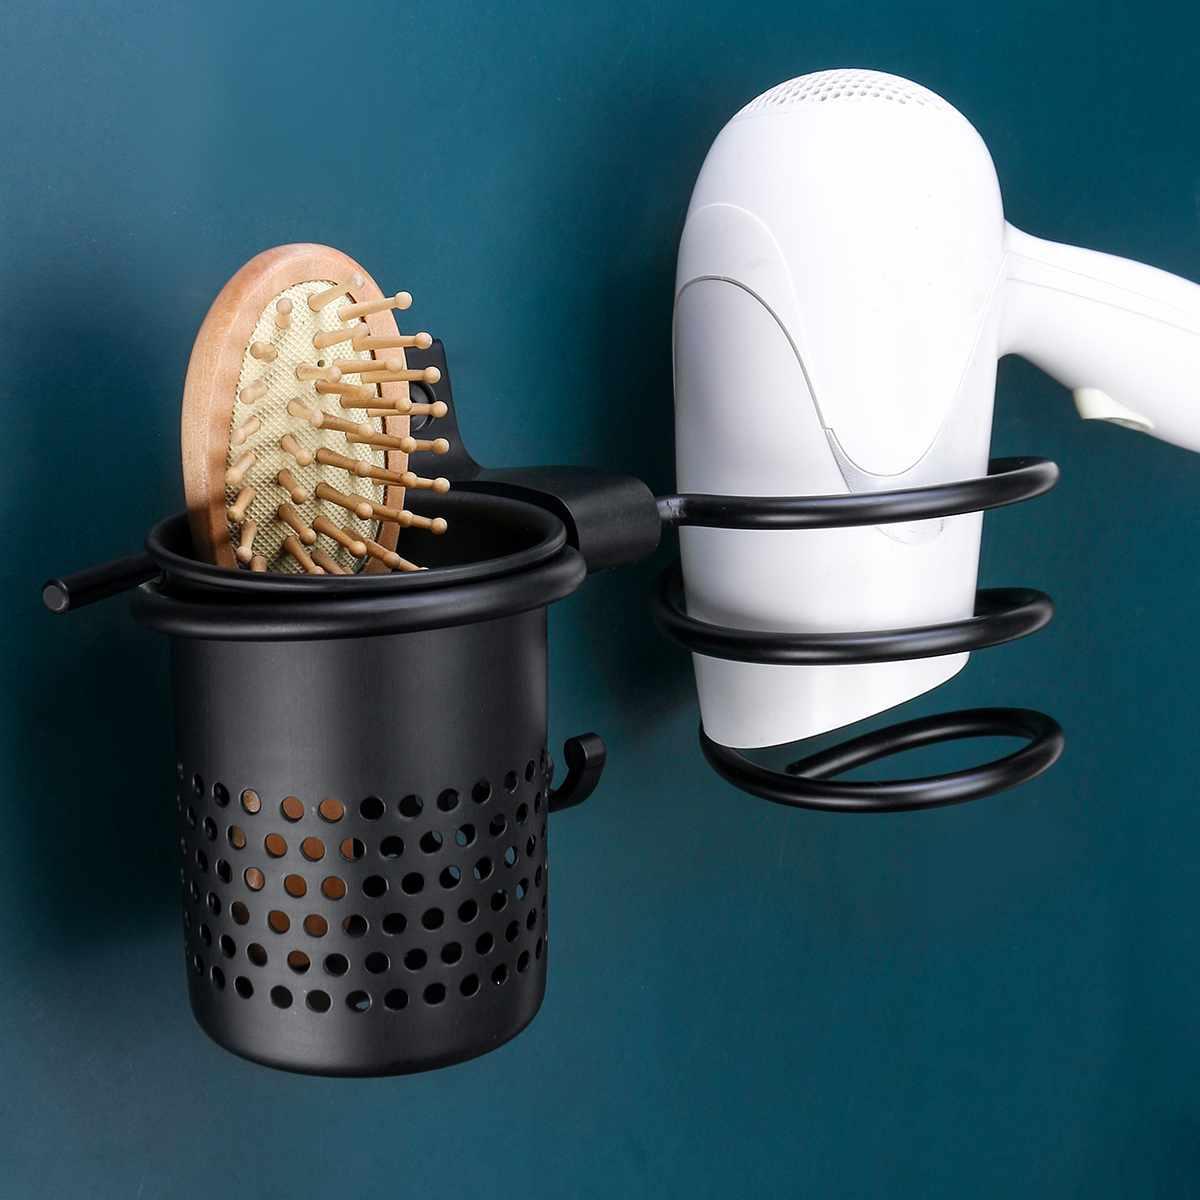 Estante para secador de pelo, espacio para ahorrar Metal para baño, soporte para pared sin rastro, estante de almacenamiento, soporte de secador de pelo, soporte para secador de pelo